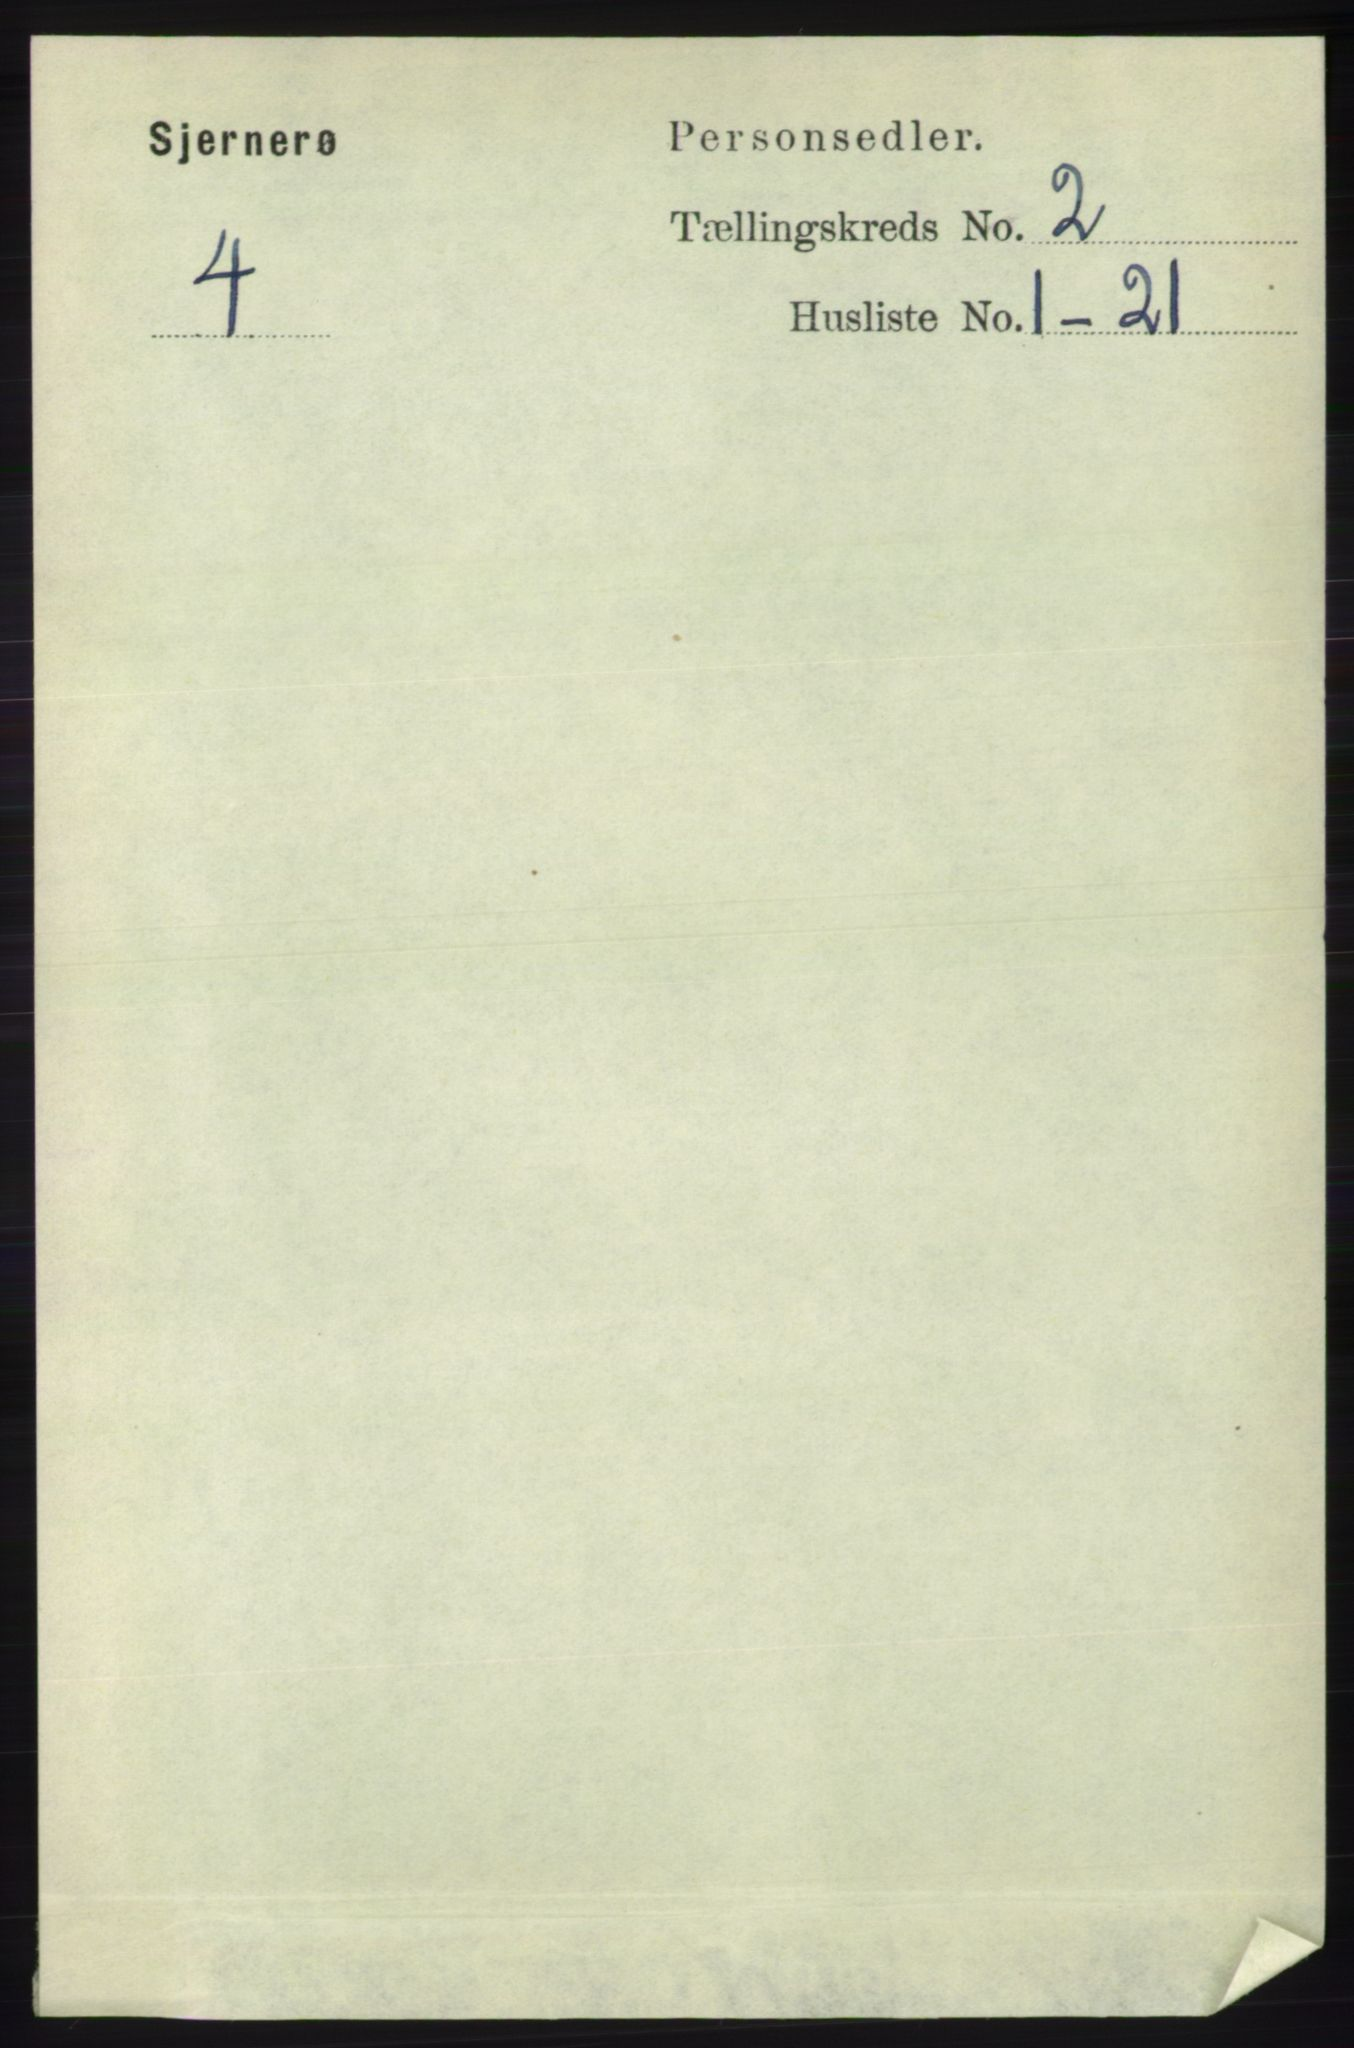 RA, Folketelling 1891 for 1140 Sjernarøy herred, 1891, s. 243